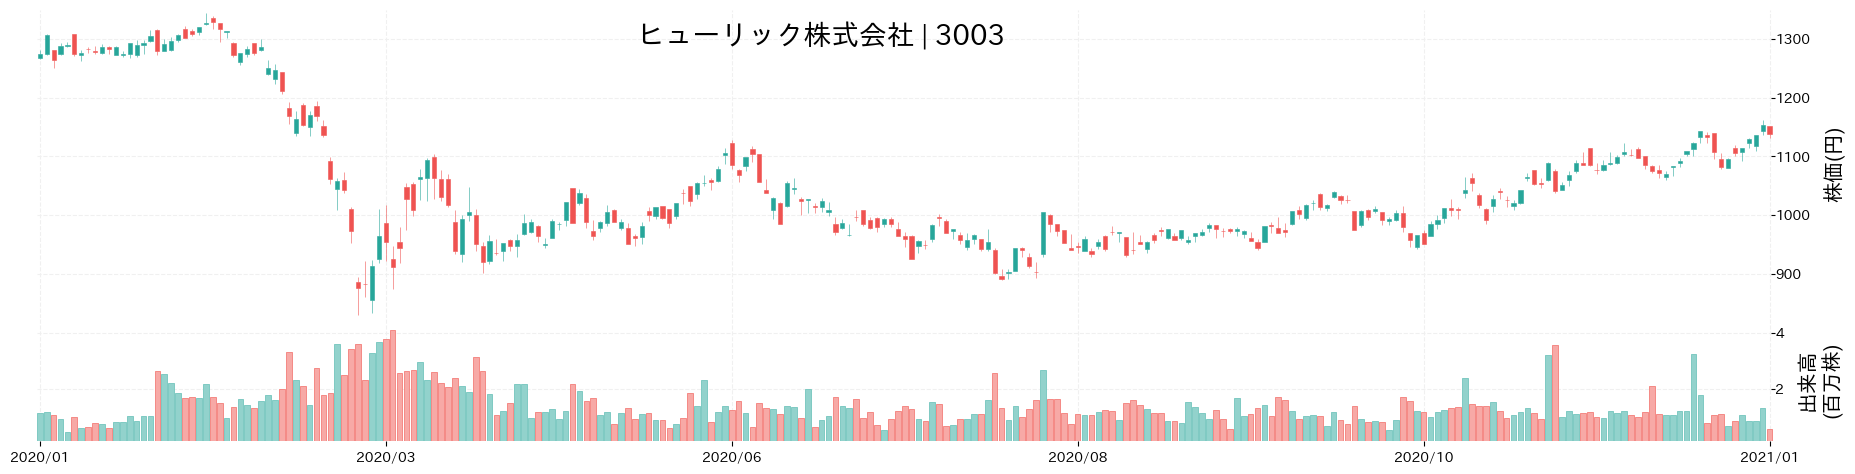 ヒューリック株式会社の株価推移(2020)